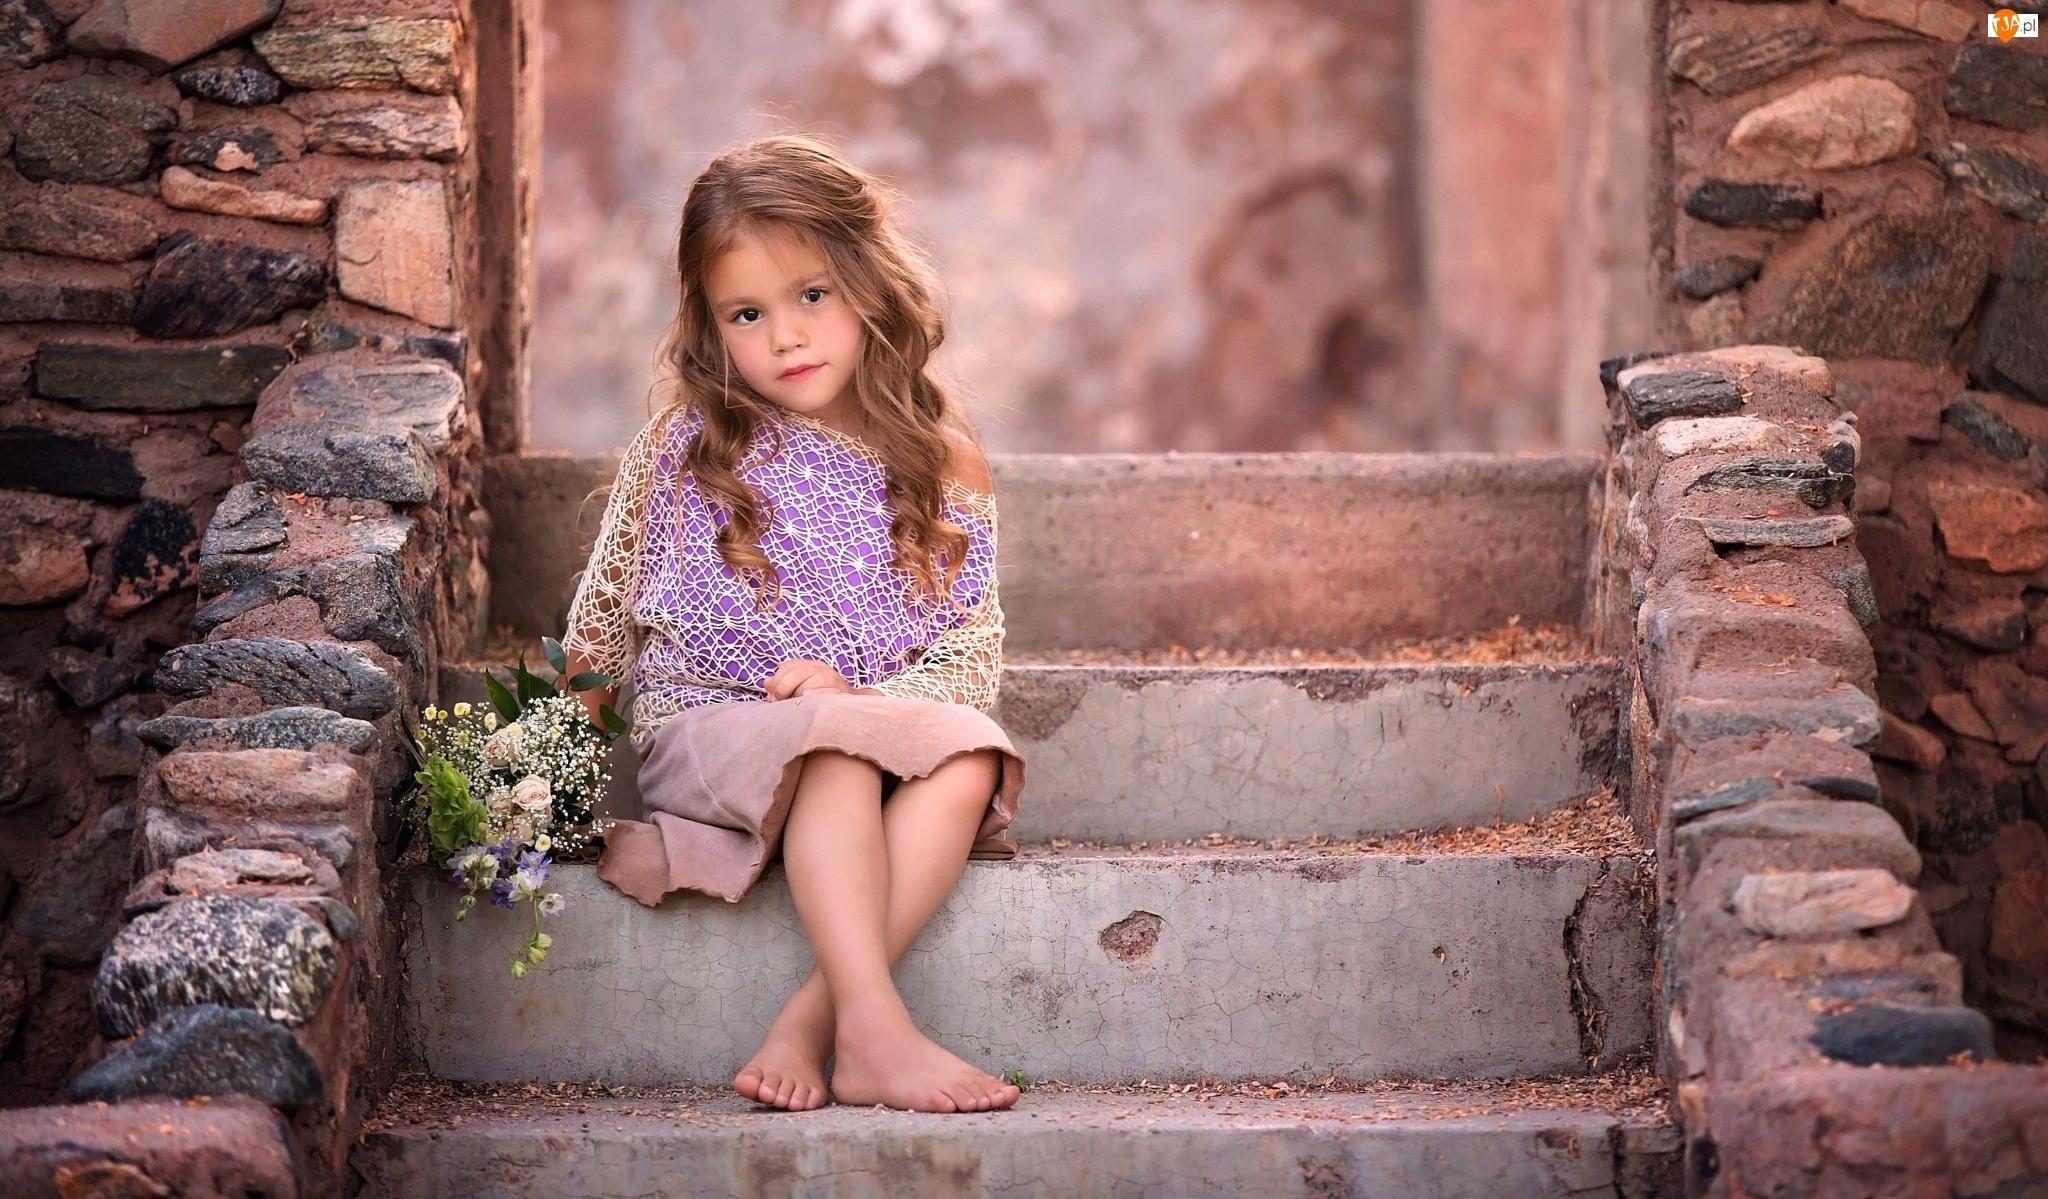 Bukiet kwiatów, Dziewczynka, Schody